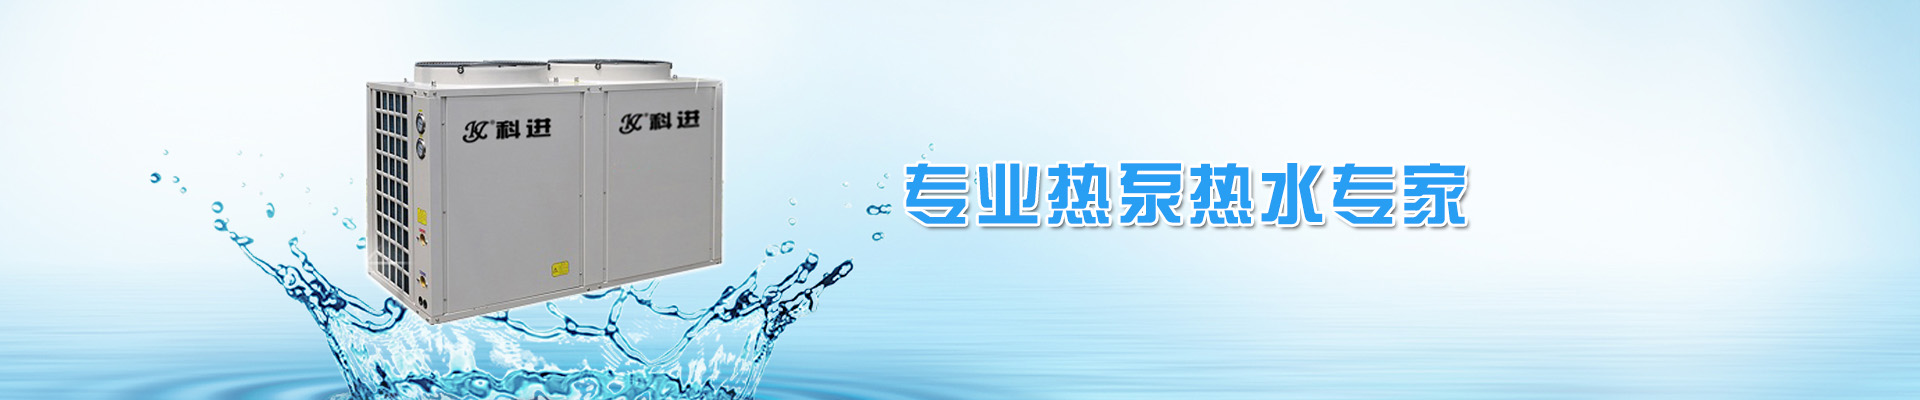 澳门新葡京娱乐xpj8896.com